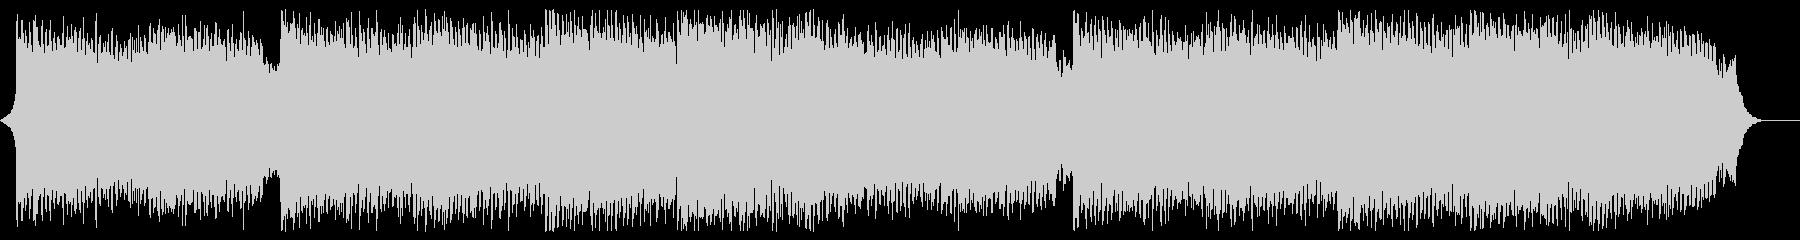 切ないピアノハウス 企業VP CMの未再生の波形